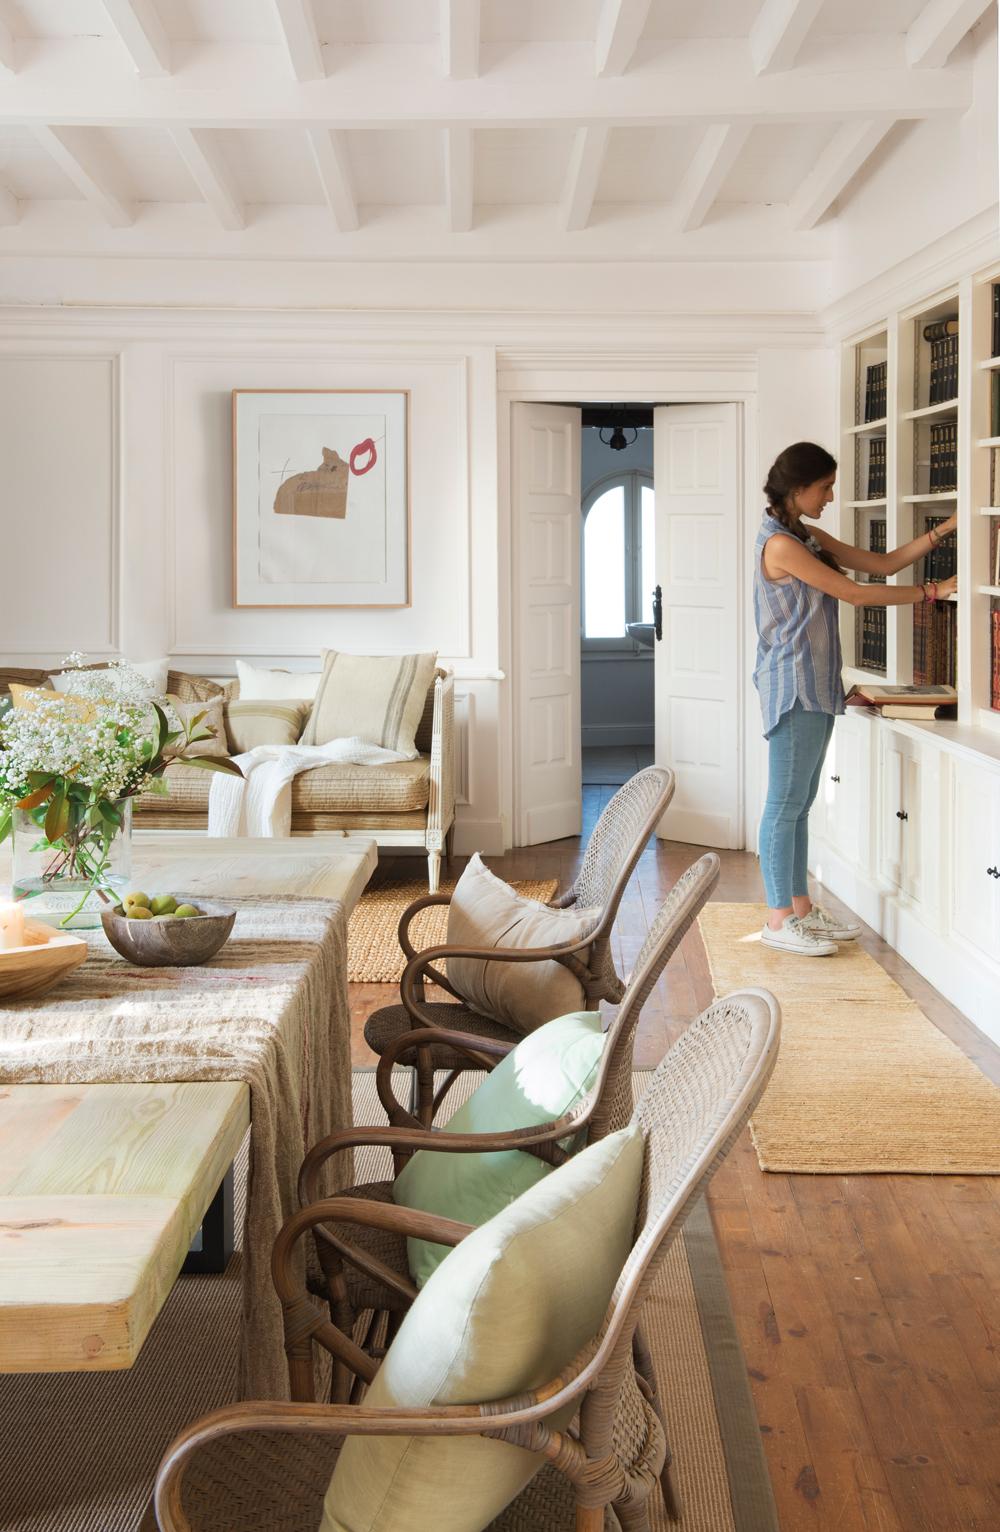 Cu nto deben medir tus muebles para ser c modos - Cuanto puede costar tapizar un sofa ...